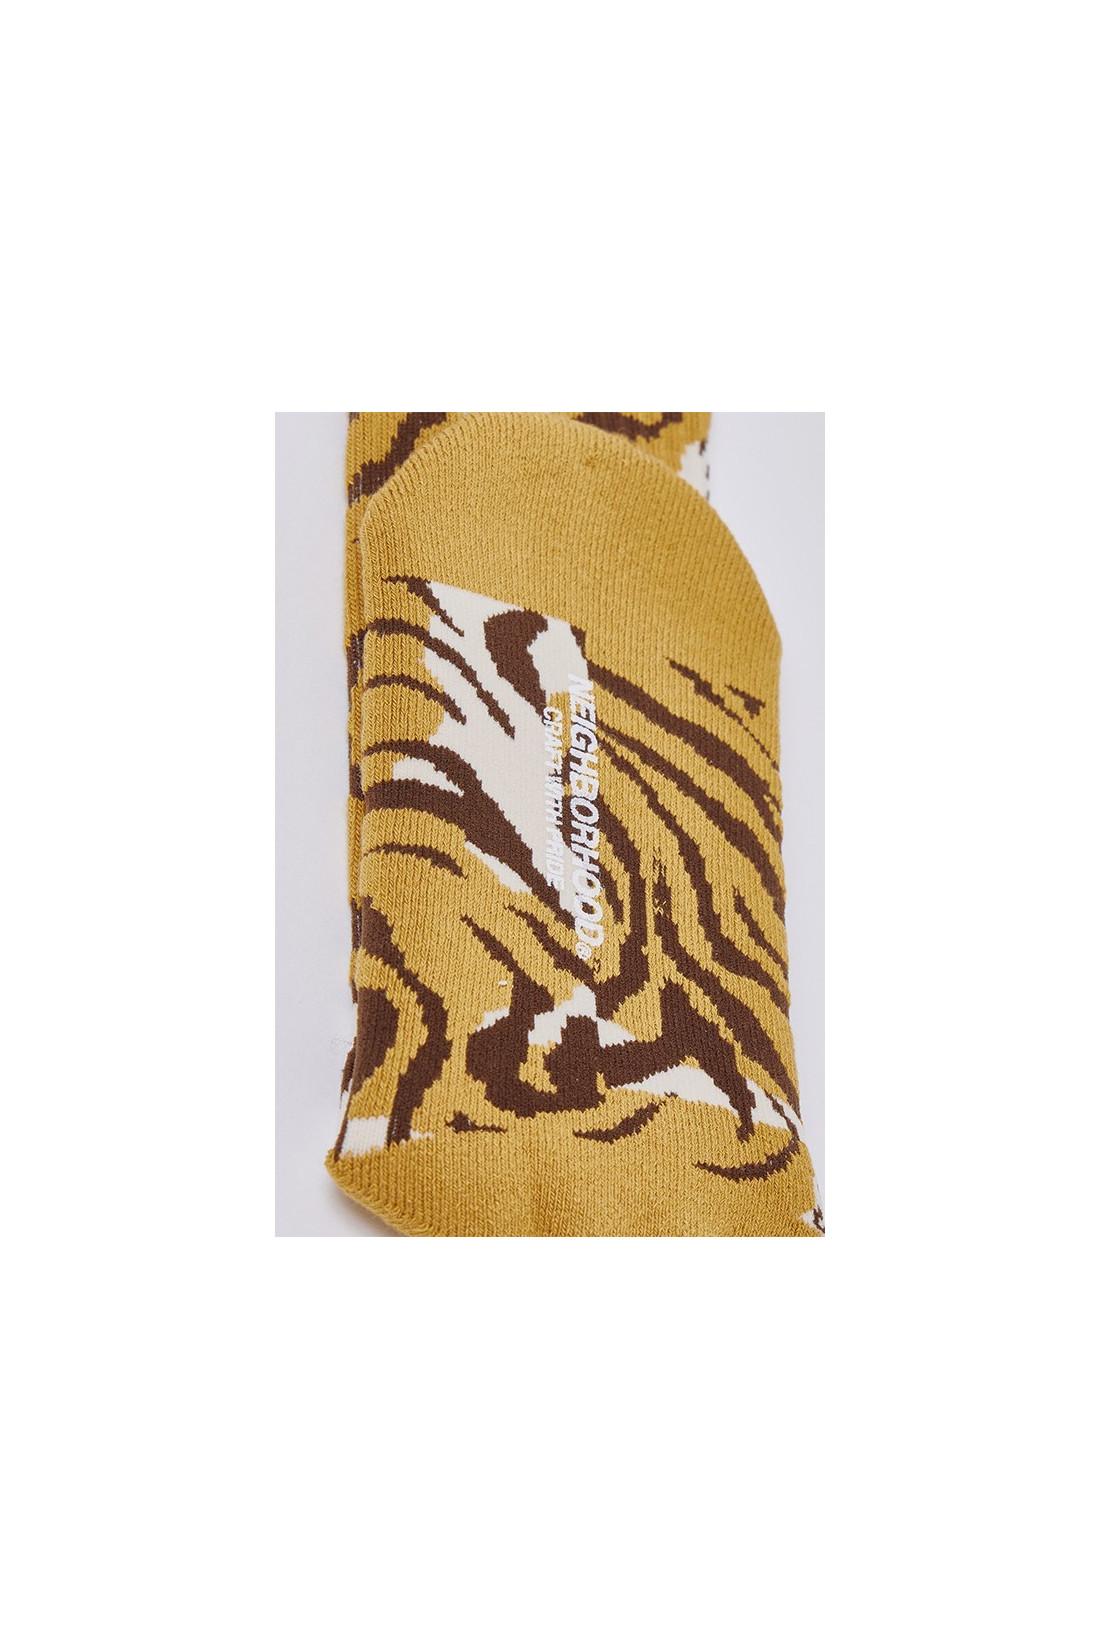 NEIGHBORHOOD / Jq tiger / cn-socks Tiger